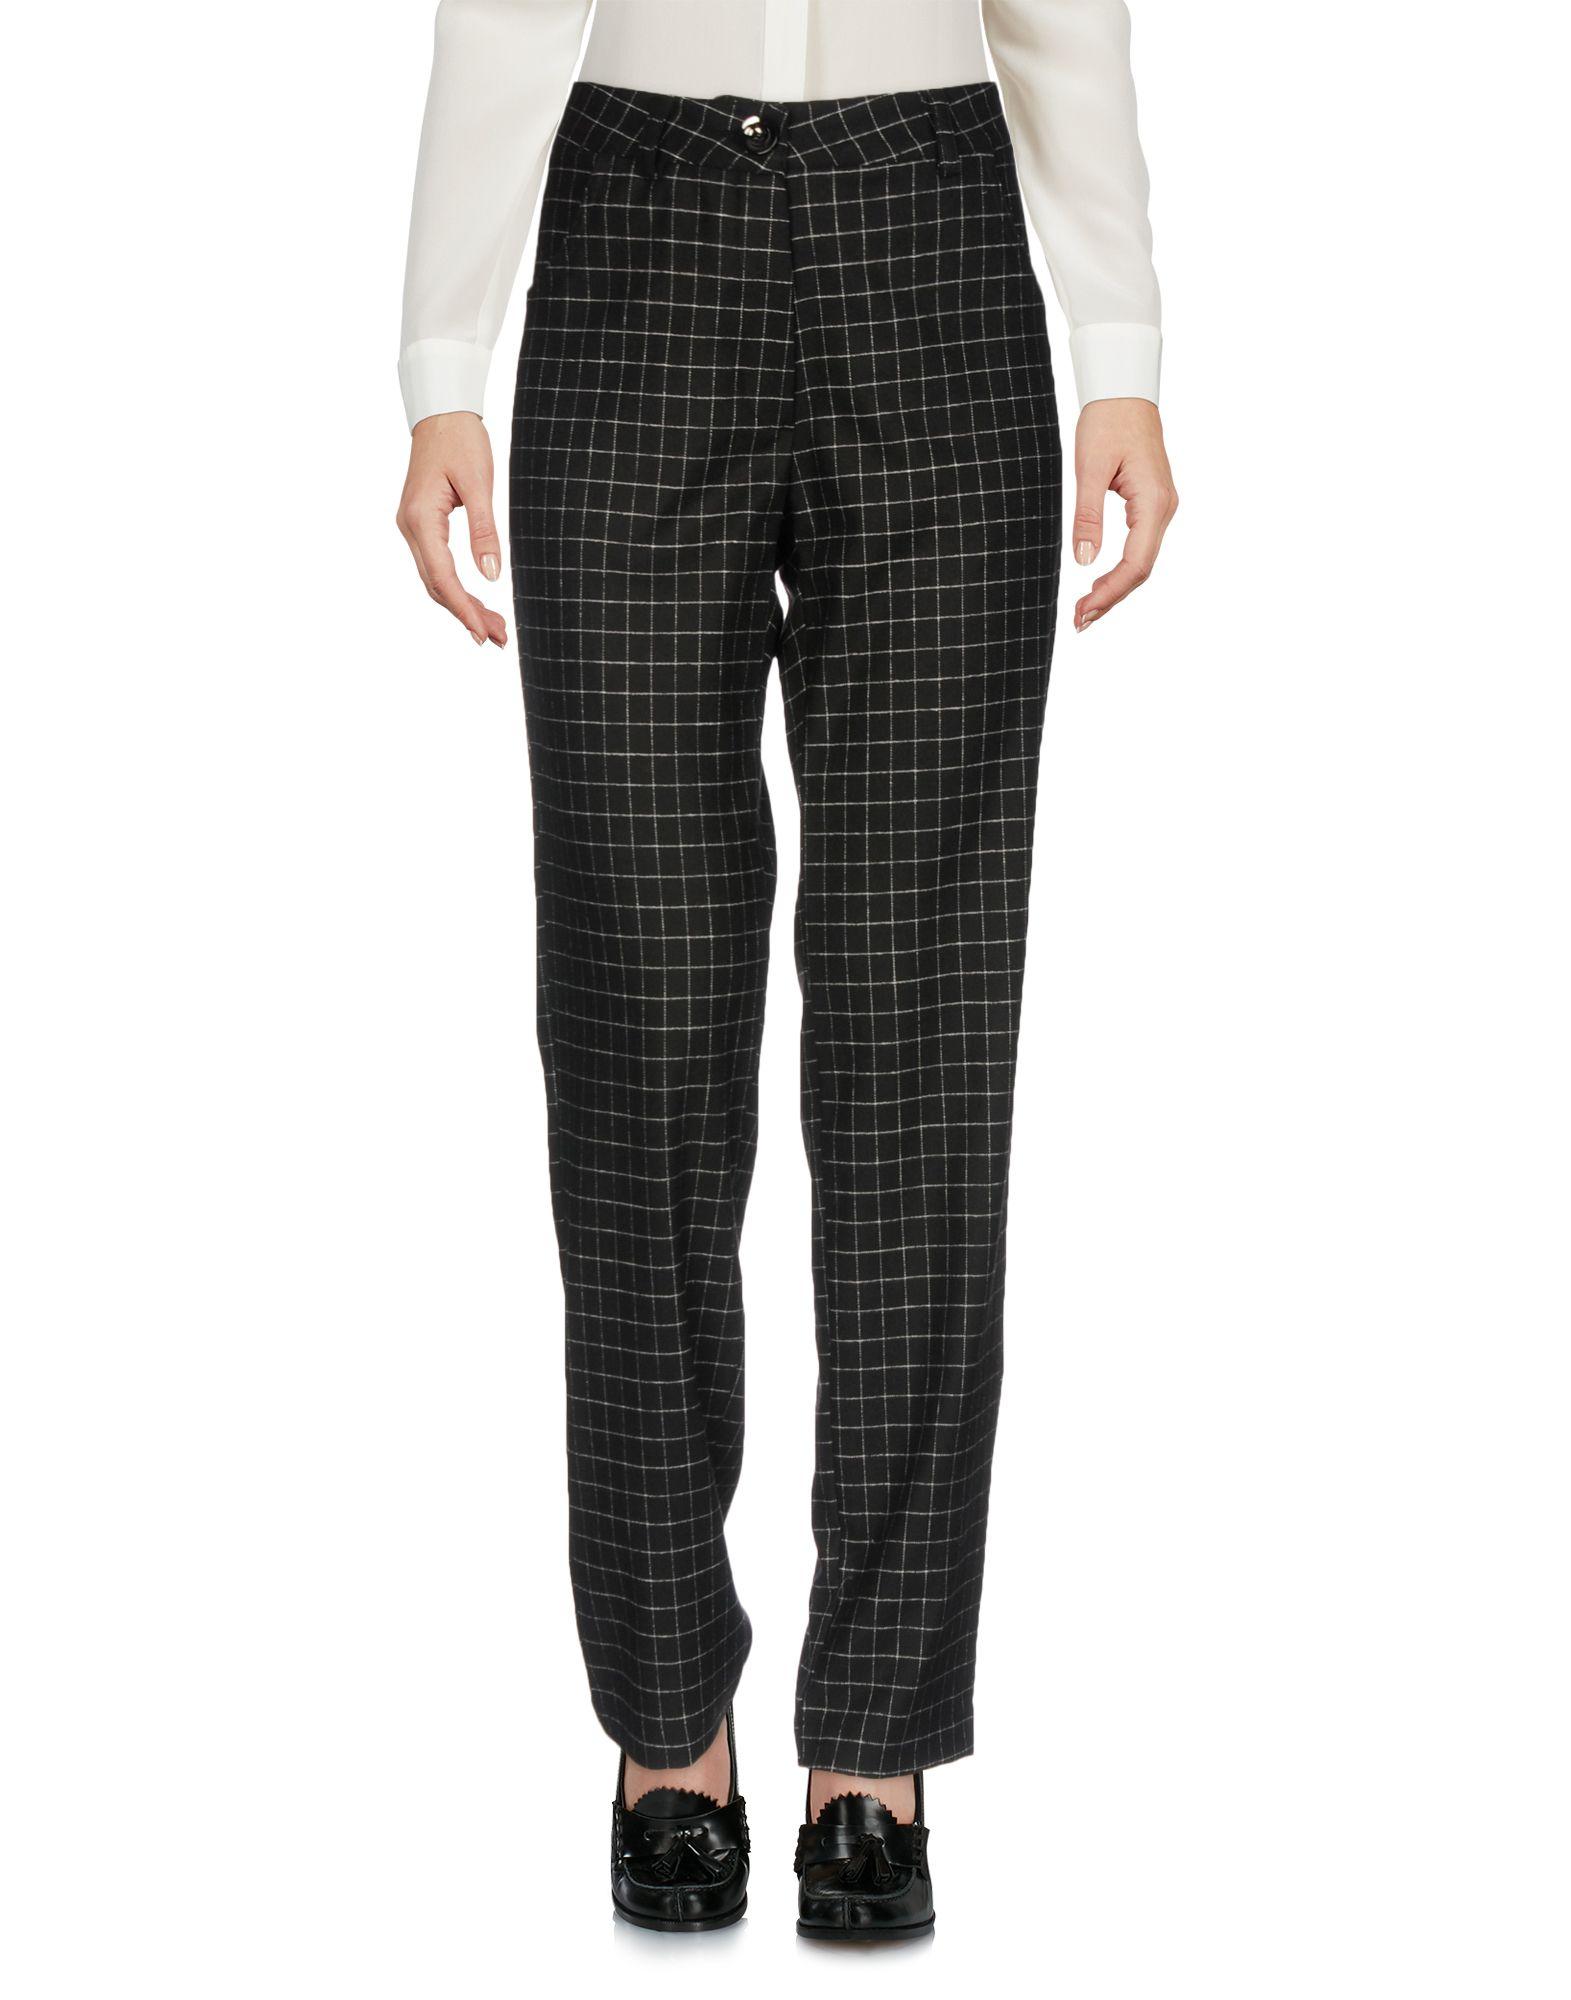 Pantalone La Fabbrica Del Lino Donna - Acquista online su o7rBjA8O